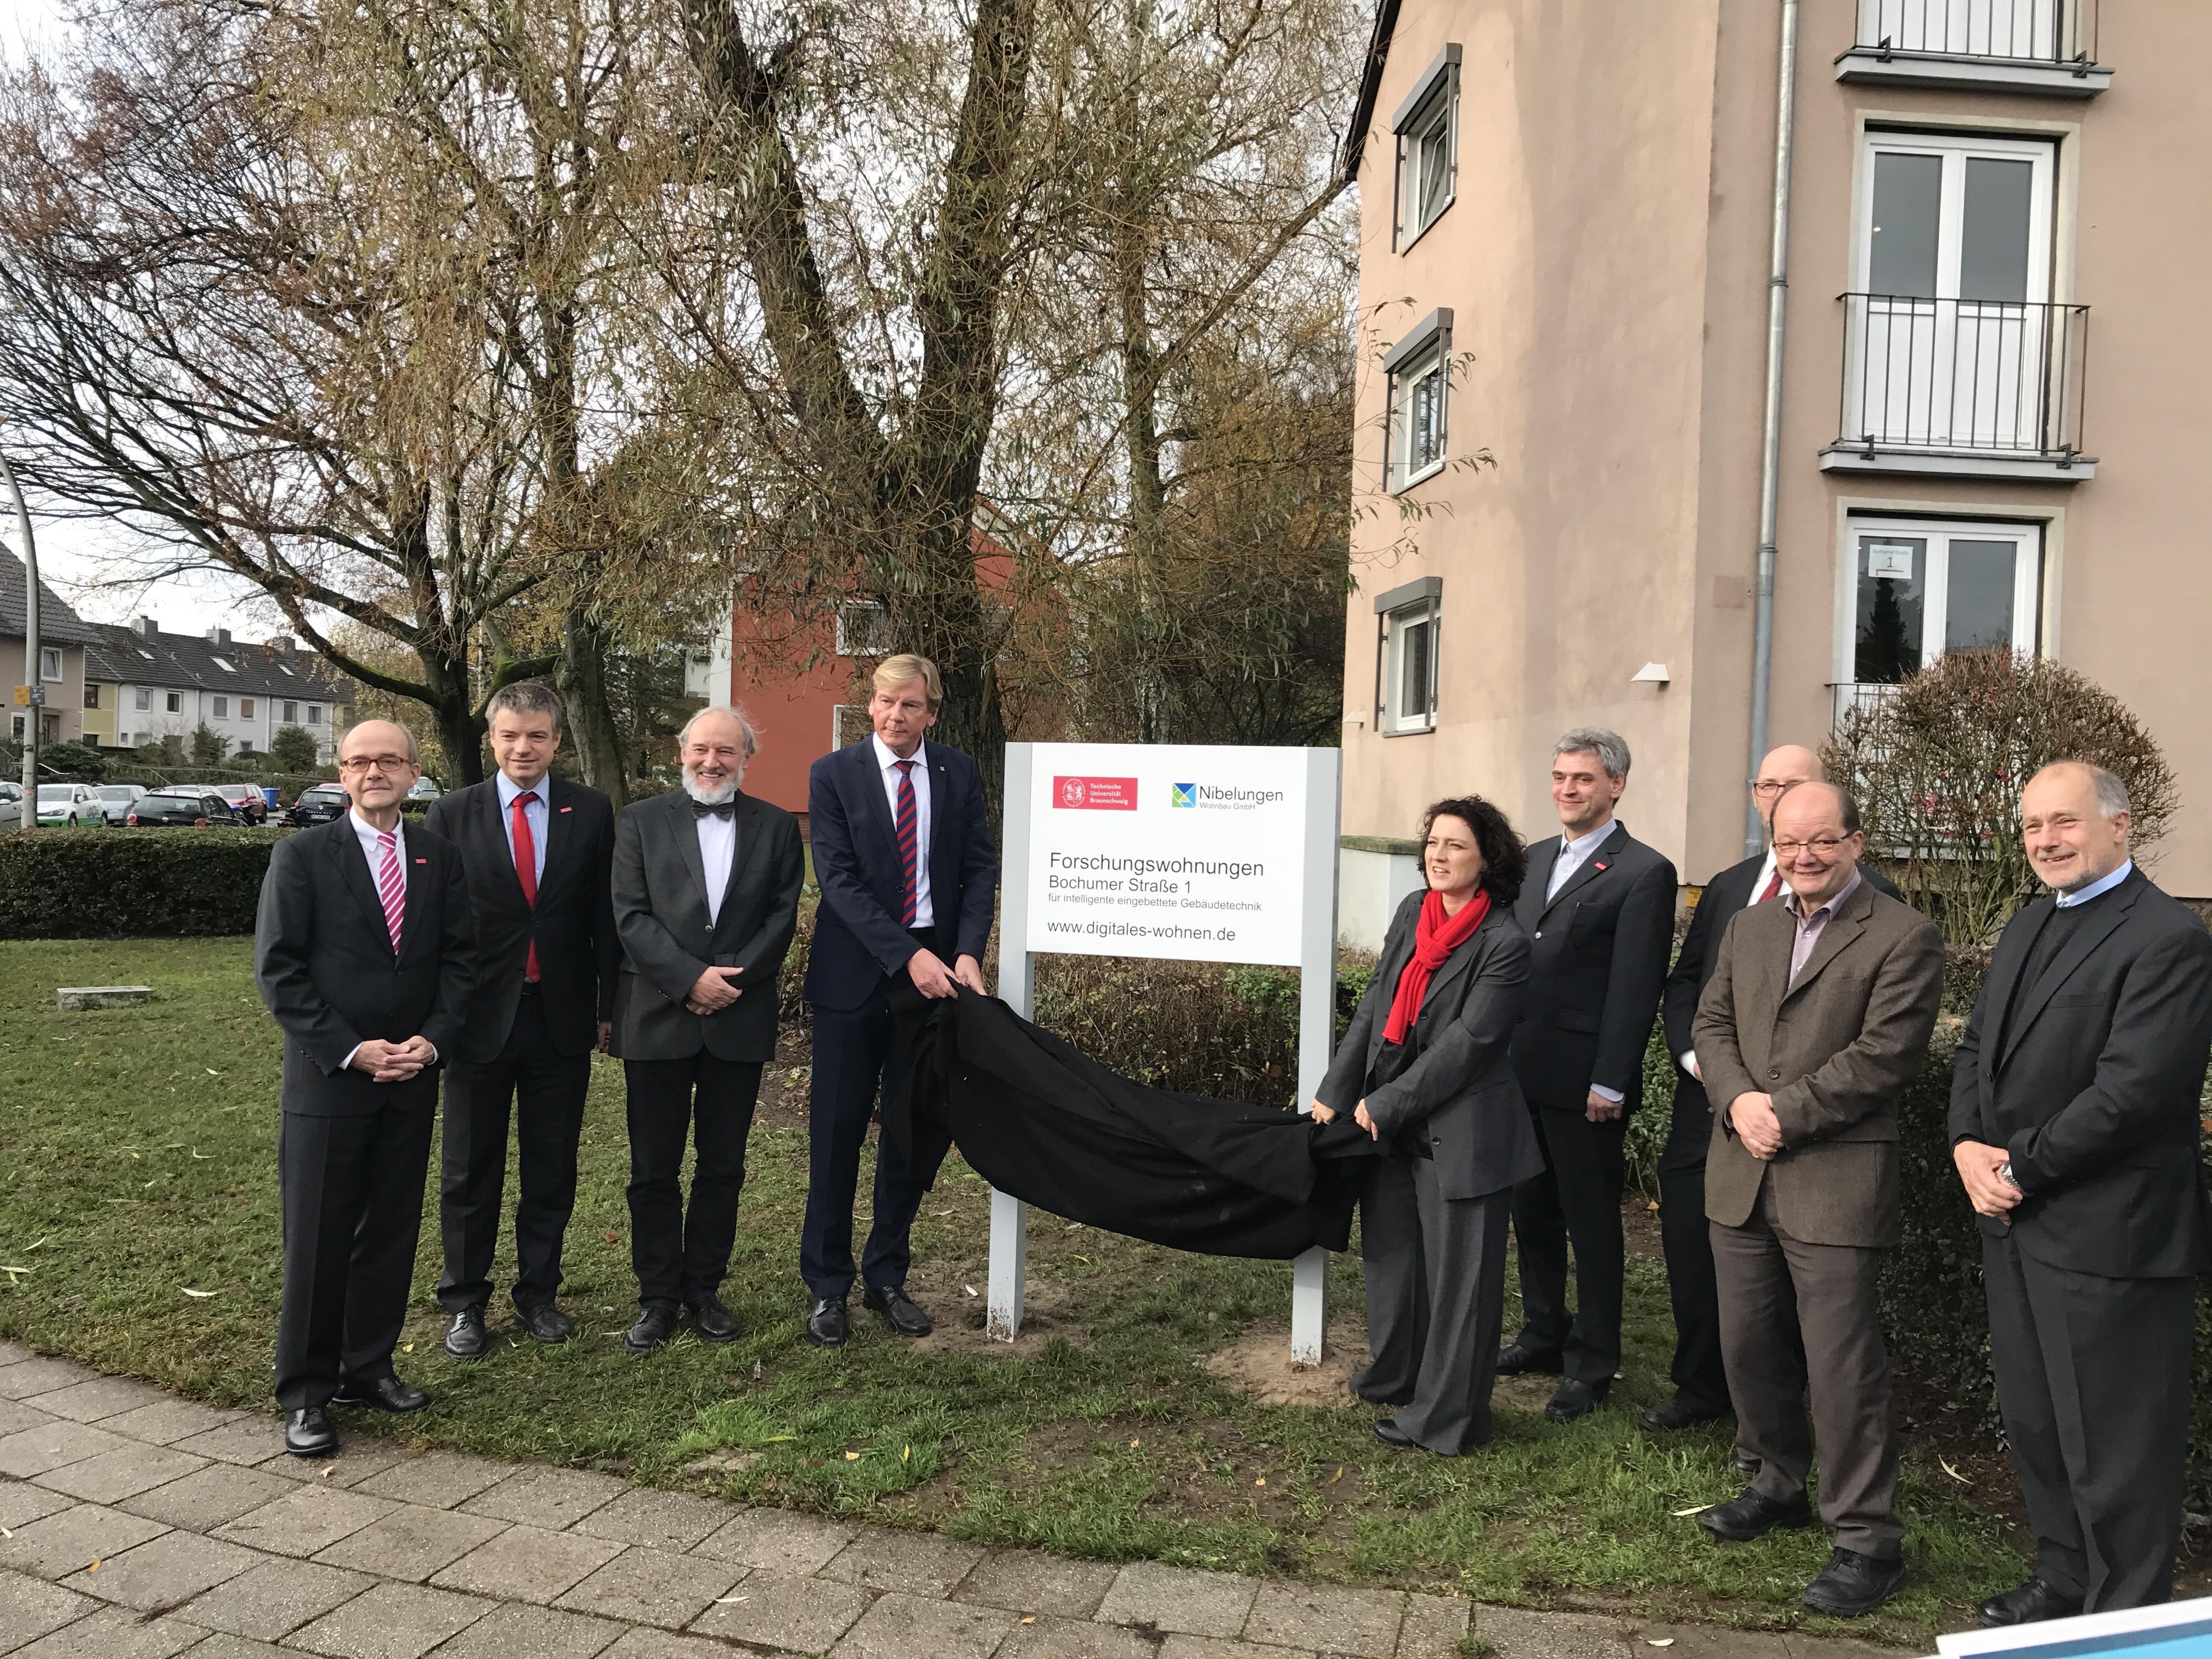 BASIS Forschungswohnung eingeweiht